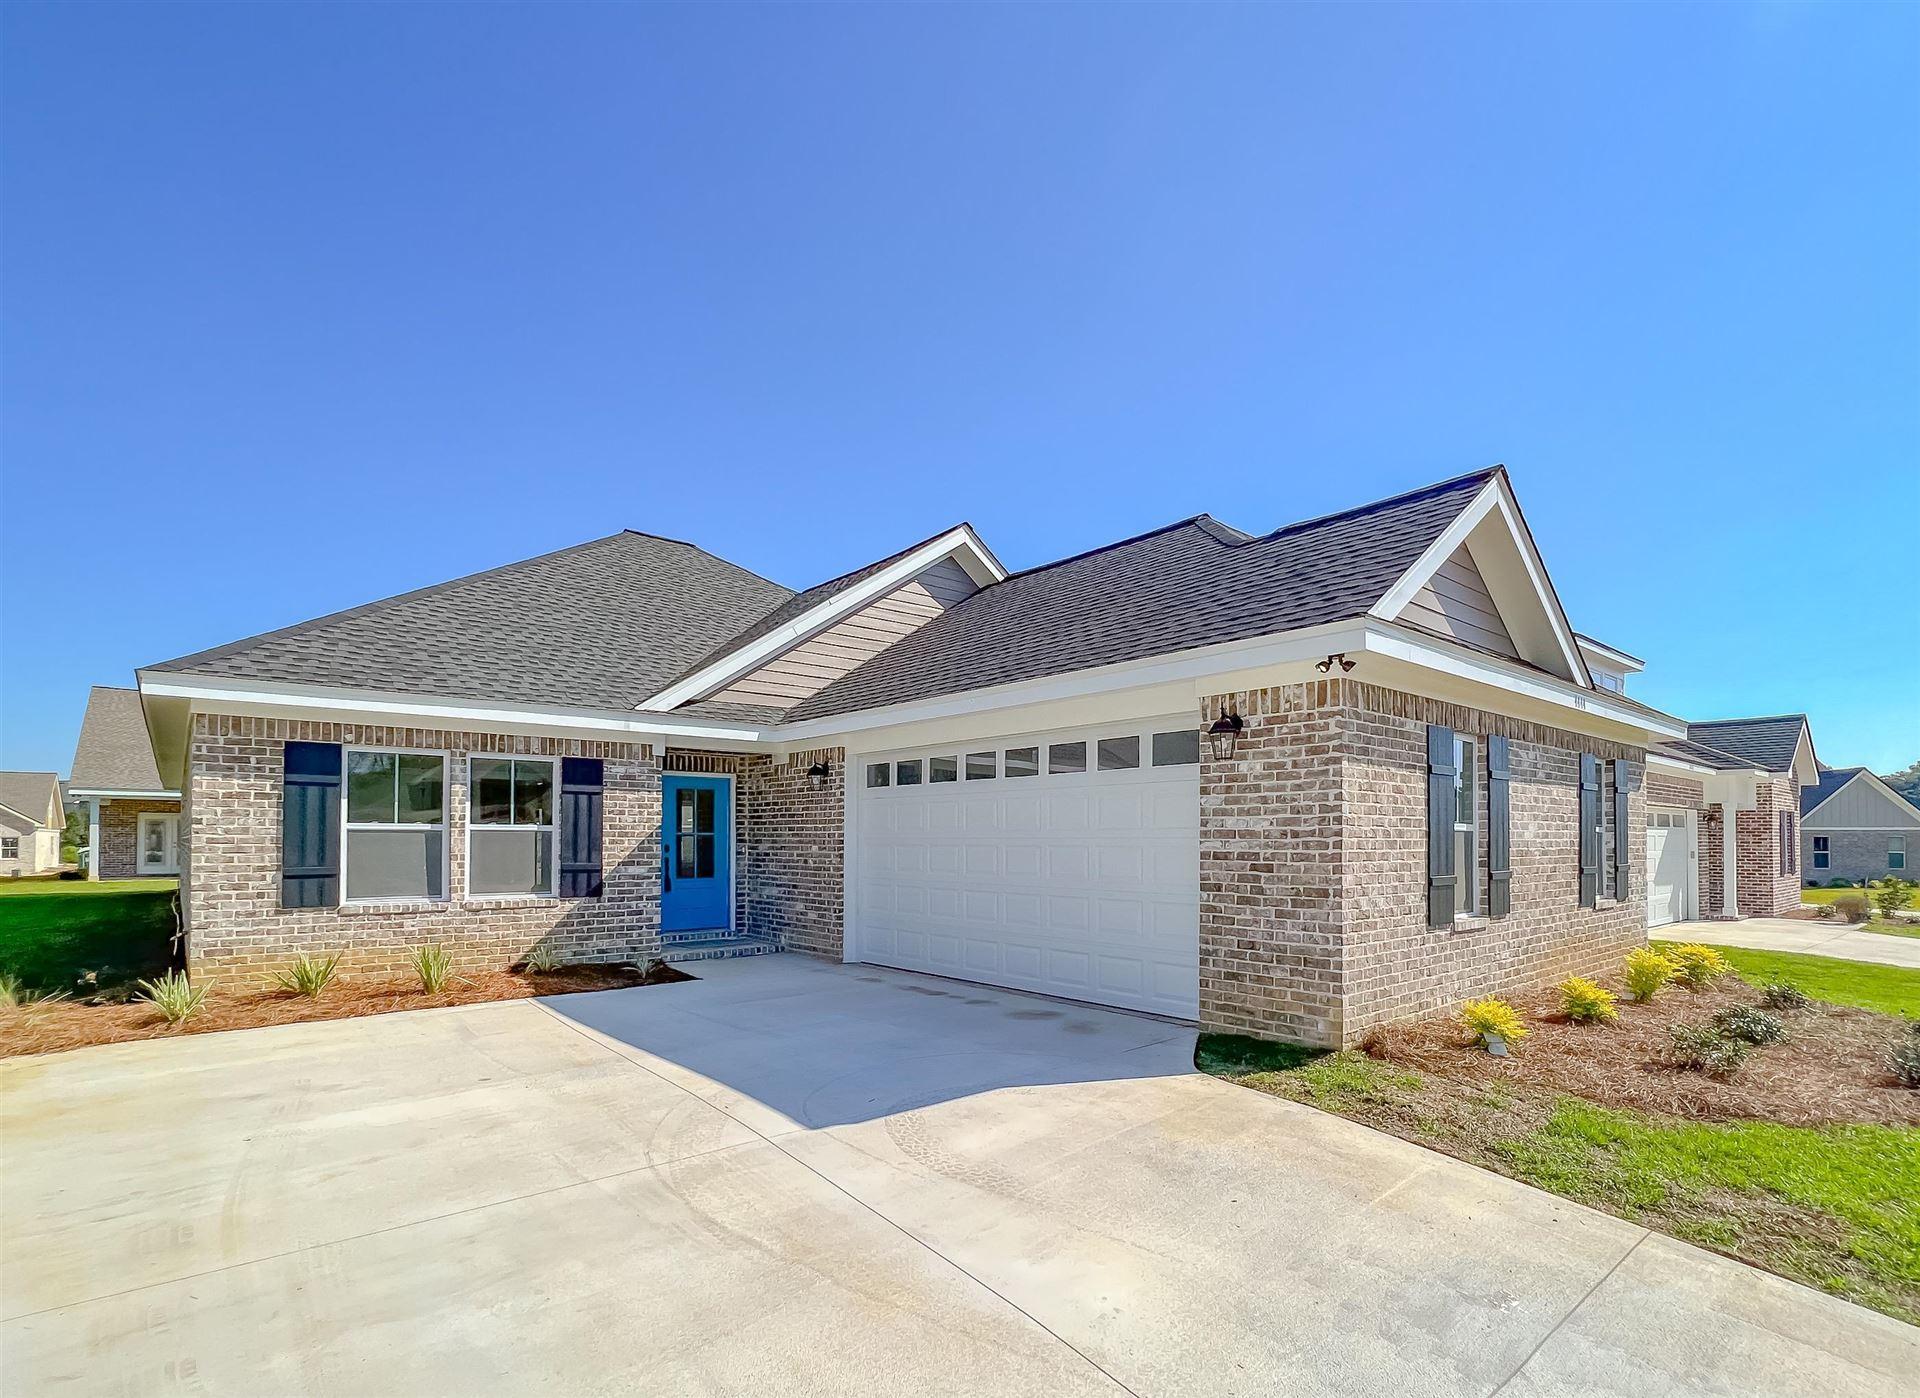 4444 Summerfield Drive, Tallahassee, FL 32303 - MLS#: 337432